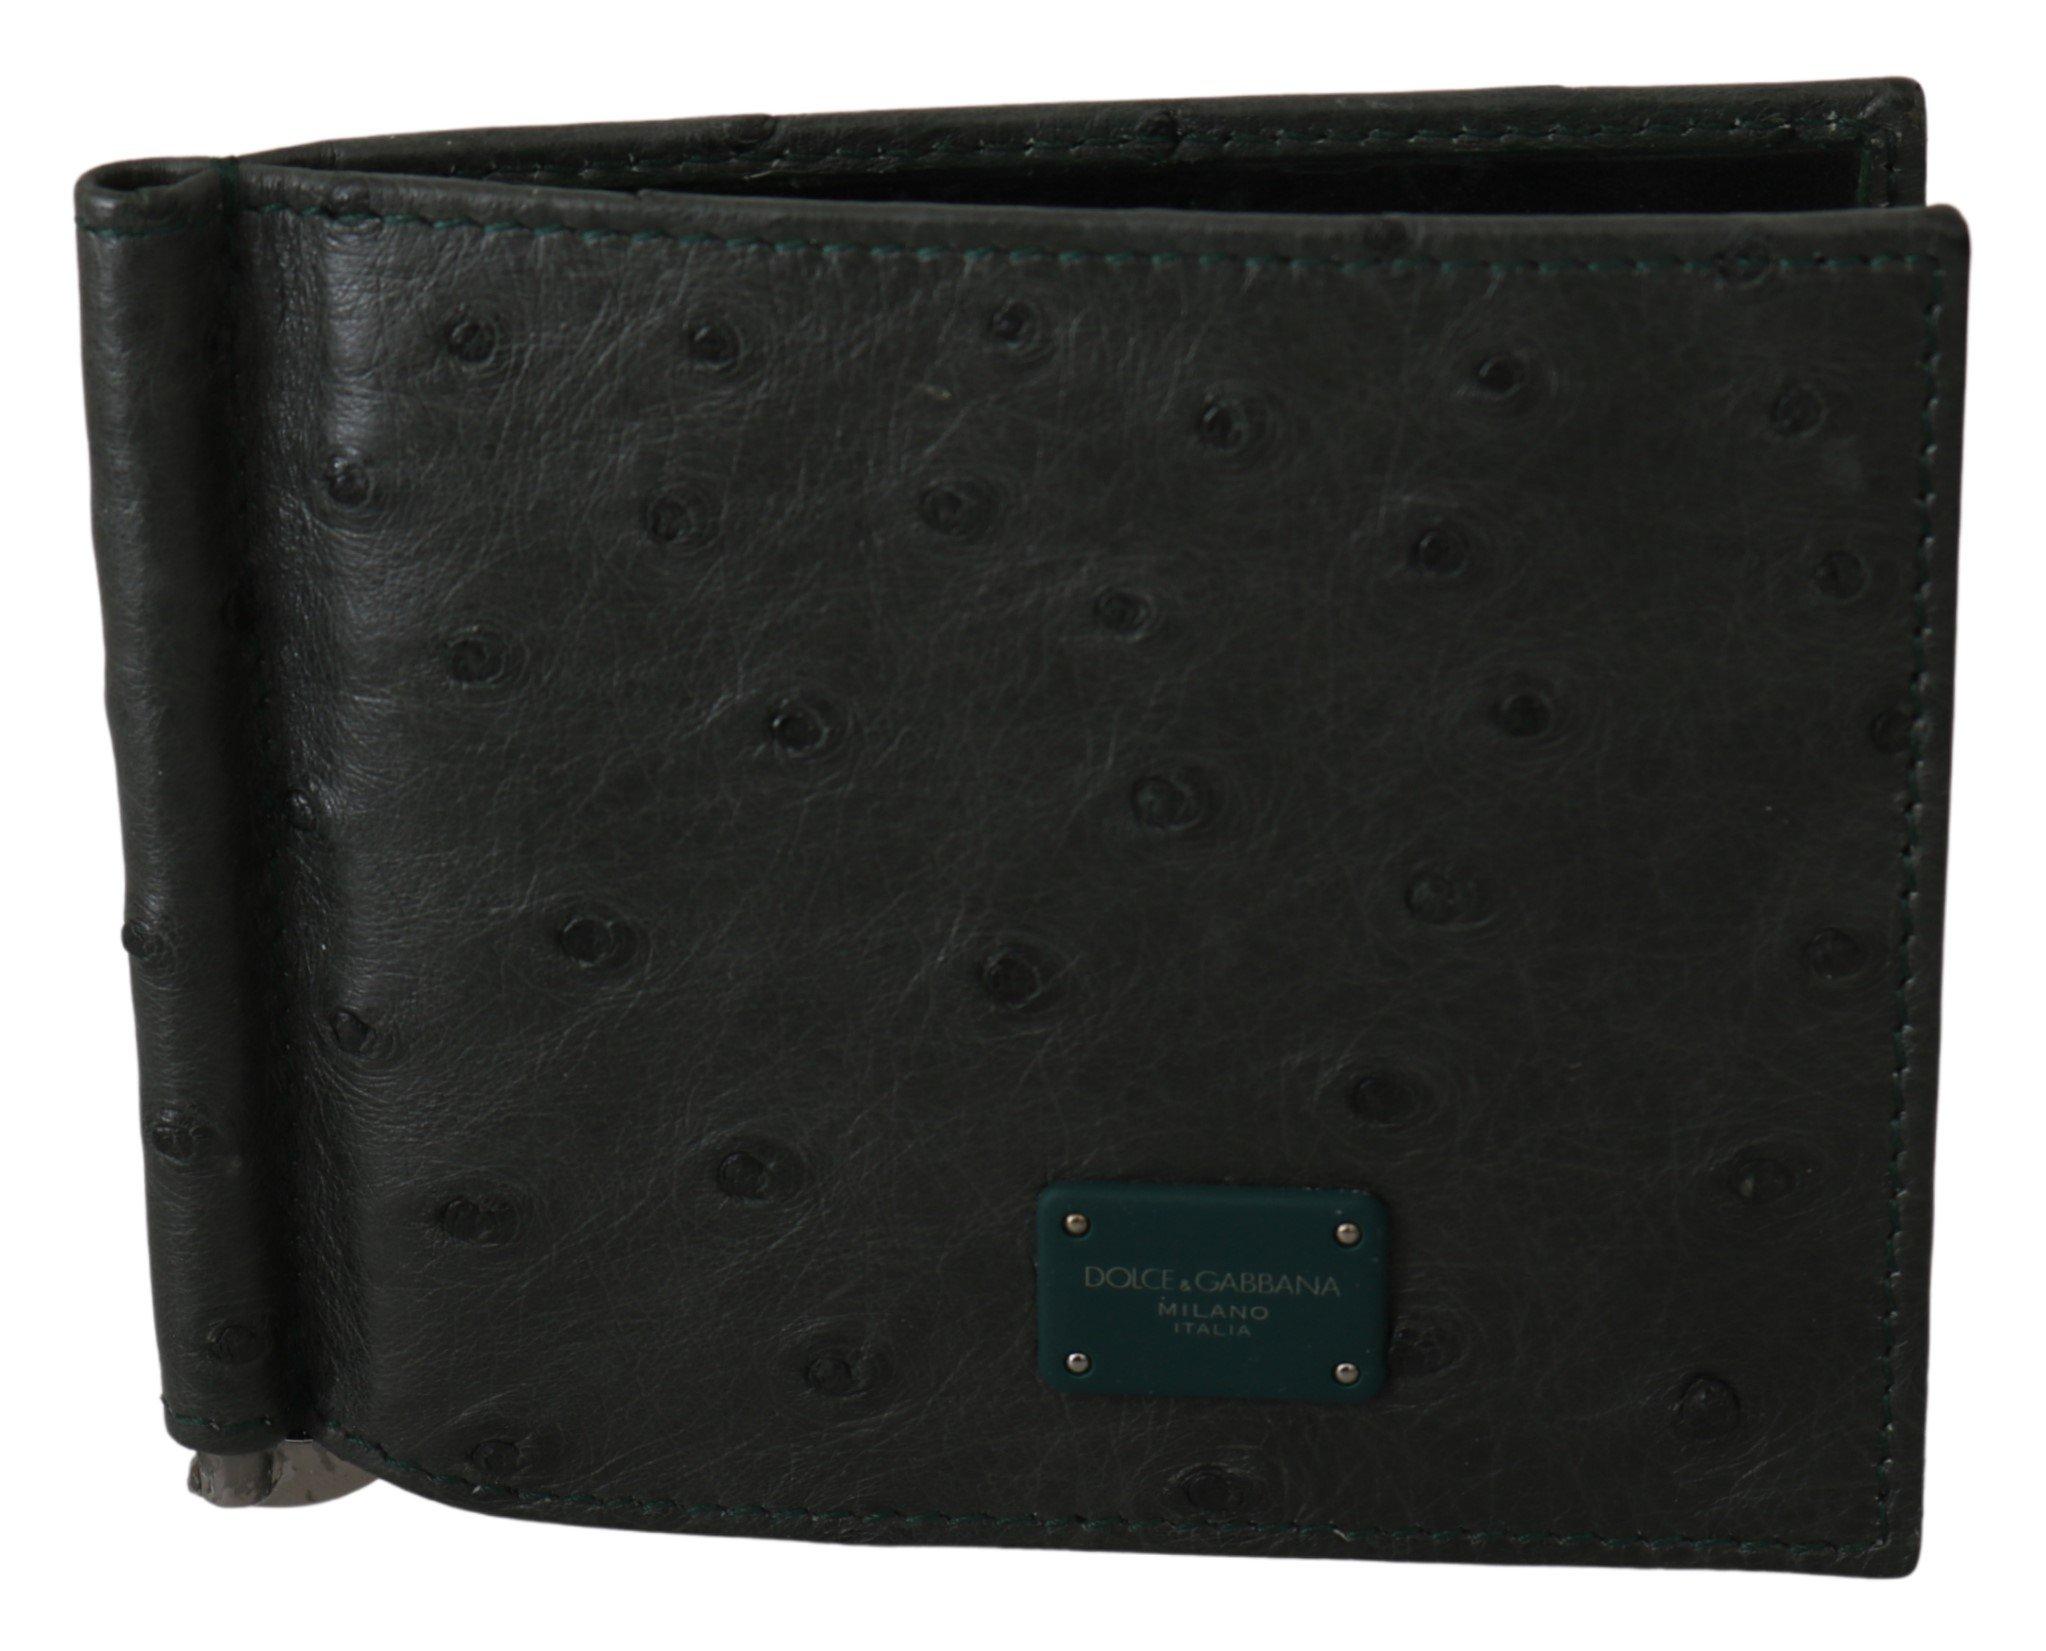 Dolce & Gabbana Men's Ostrich Leather Bifold Wallet Green VAS9691